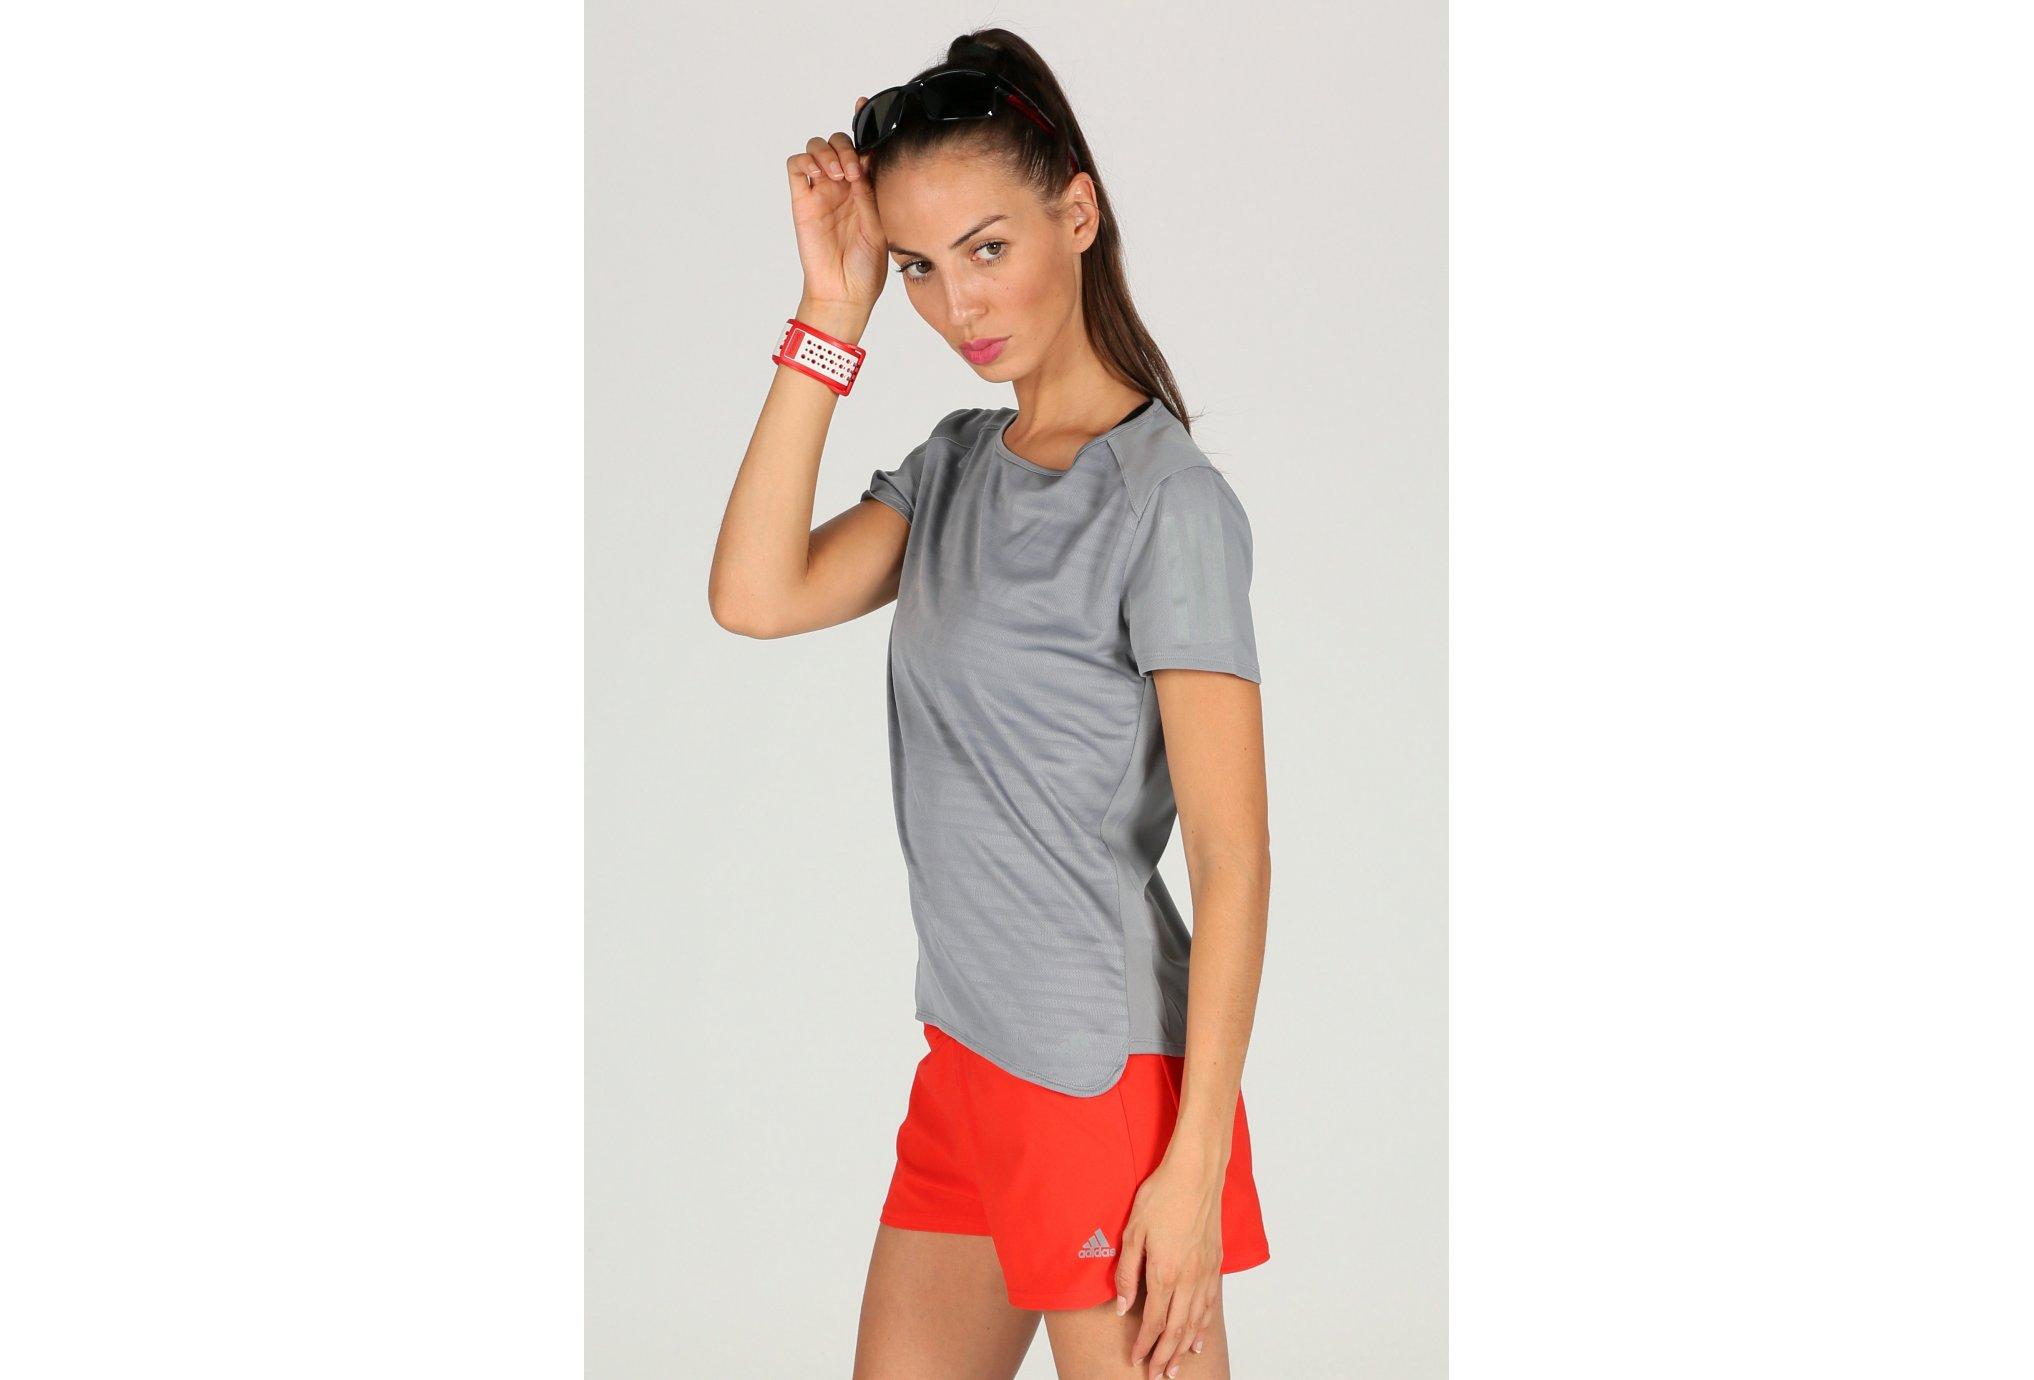 Adidas Response w vêtement running femme